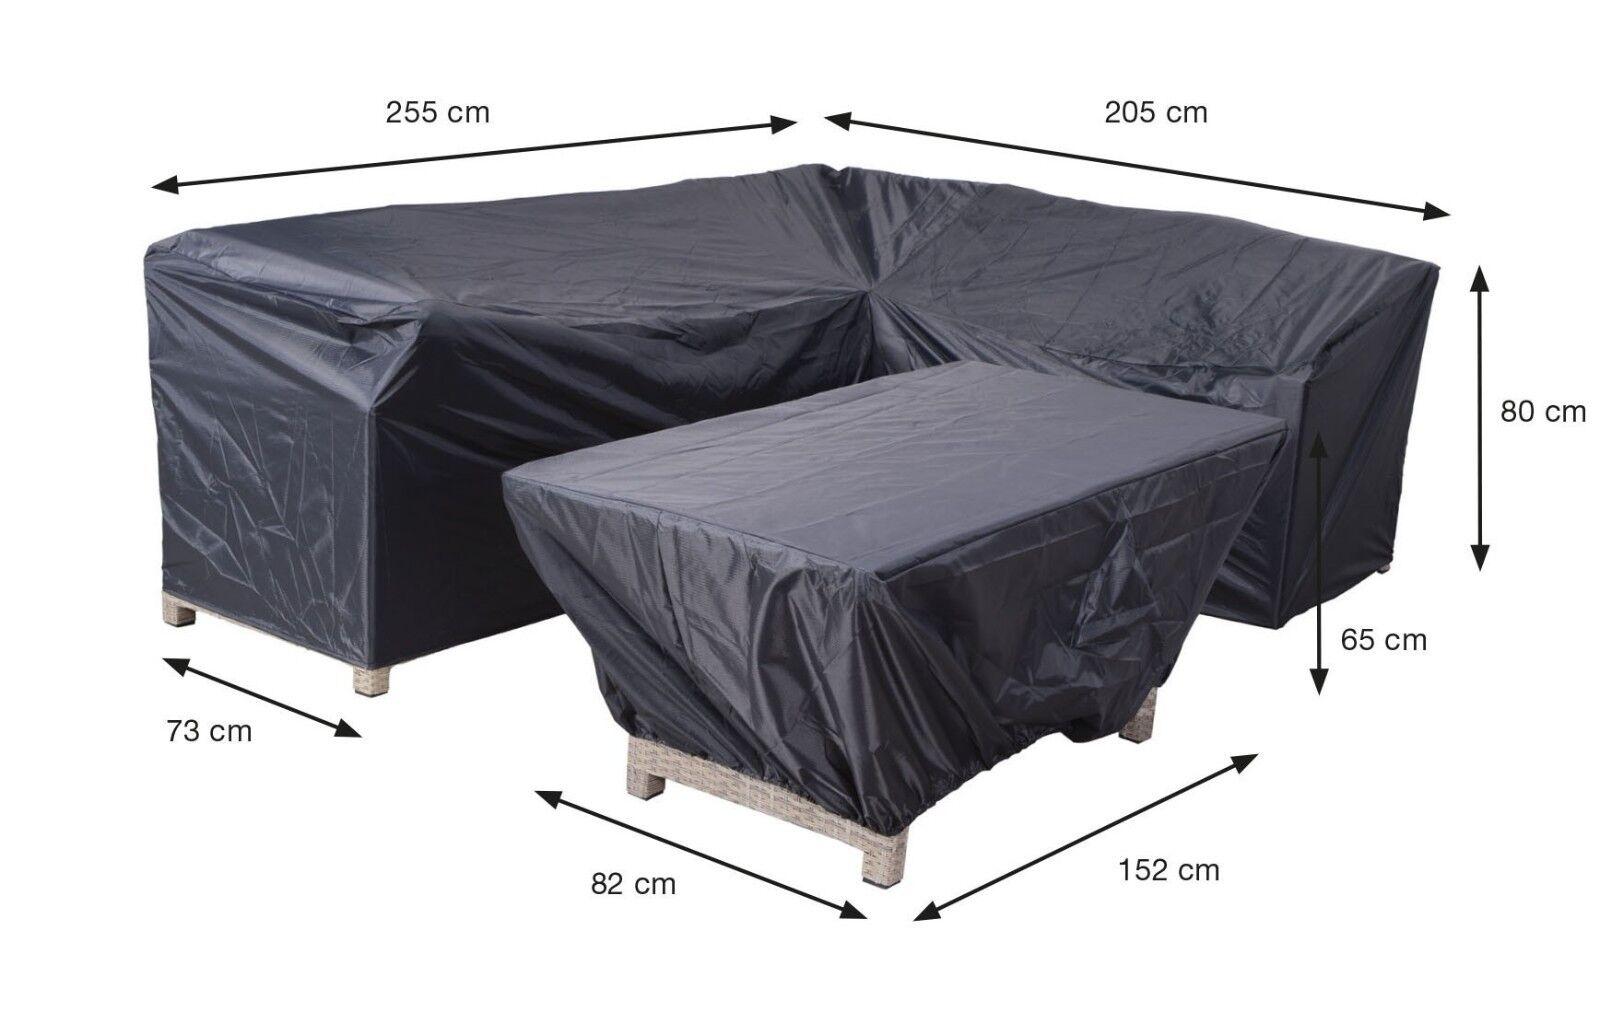 Schutzhülle Möbelschutzhülle Coverit Lounge Dinner hülle 255 205x73xH80 & 152x82     | Ausgezeichnete Qualität